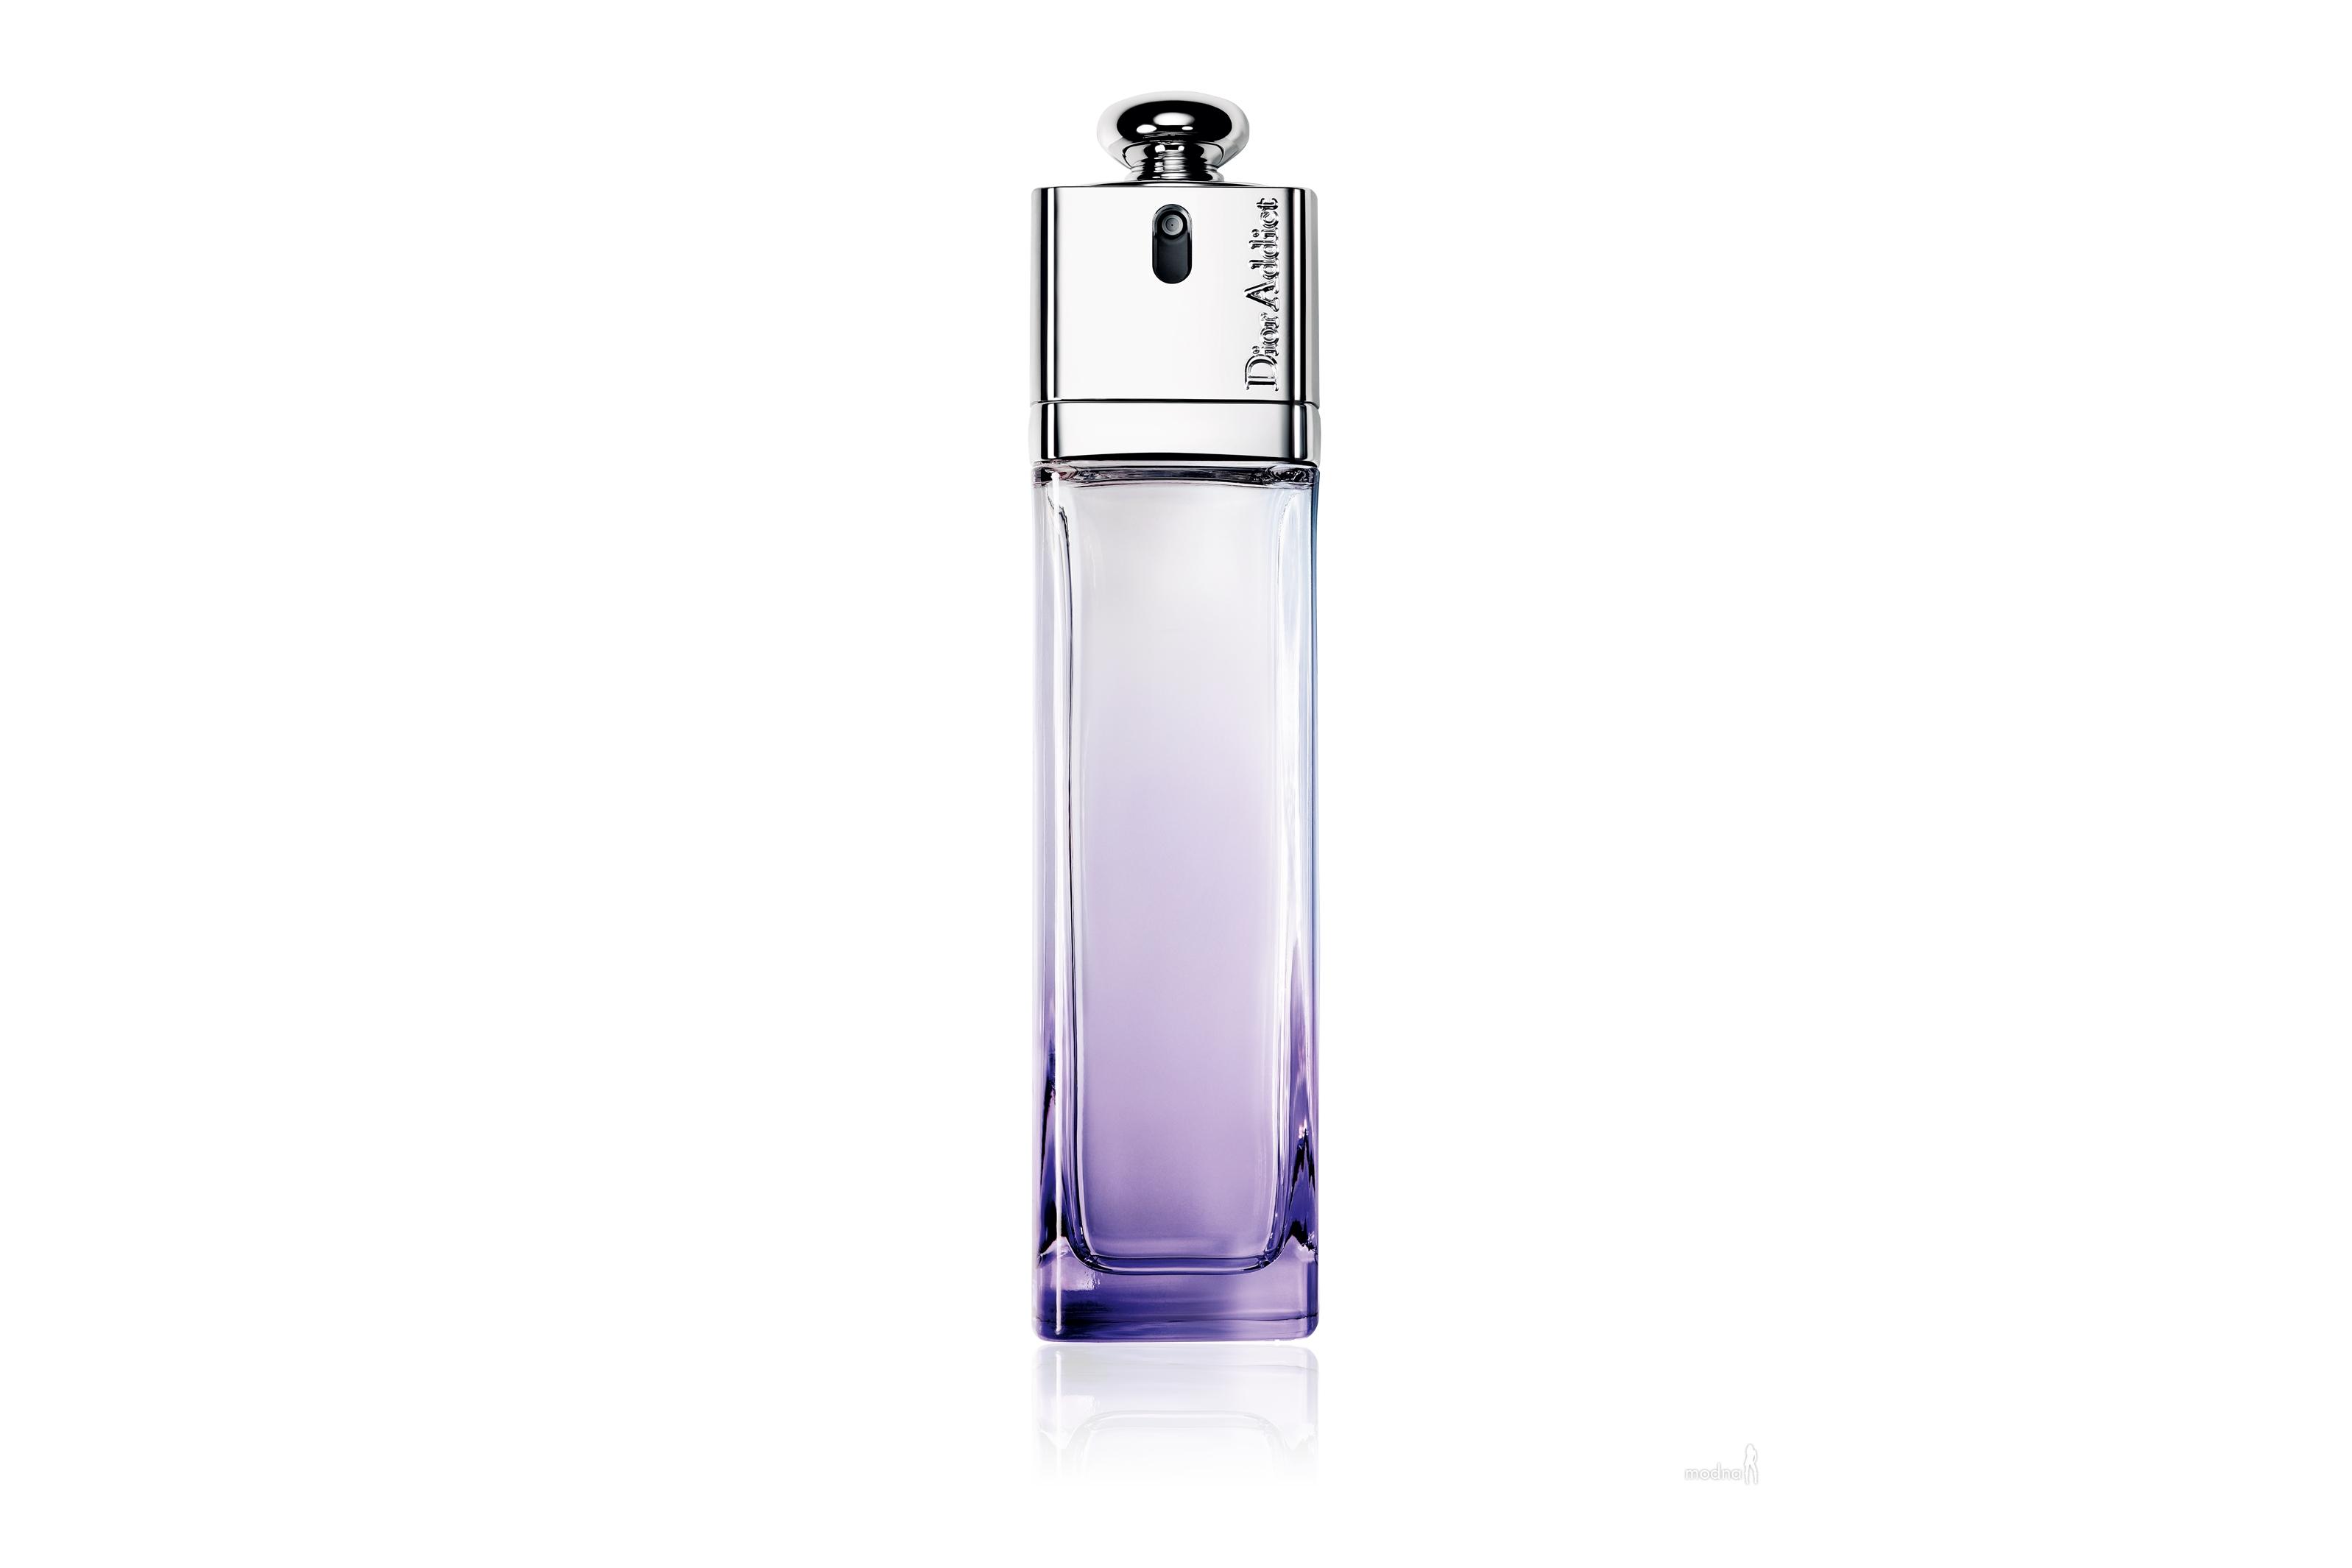 Женский парфюм Addict Eau Sensuelle появился в 2012 году. Восхитительный аромат обладает необыкновенно мягким и свежим характером звучания. Ласковый и чувственный, он напоминает чудесное благоухание только что собранного букета из самых прекрасных цветов. Он дарит массу непередаваемых ощущений и приятных впечатлений. Основной состав композиции: роза, жасмин, кедр, мускус.